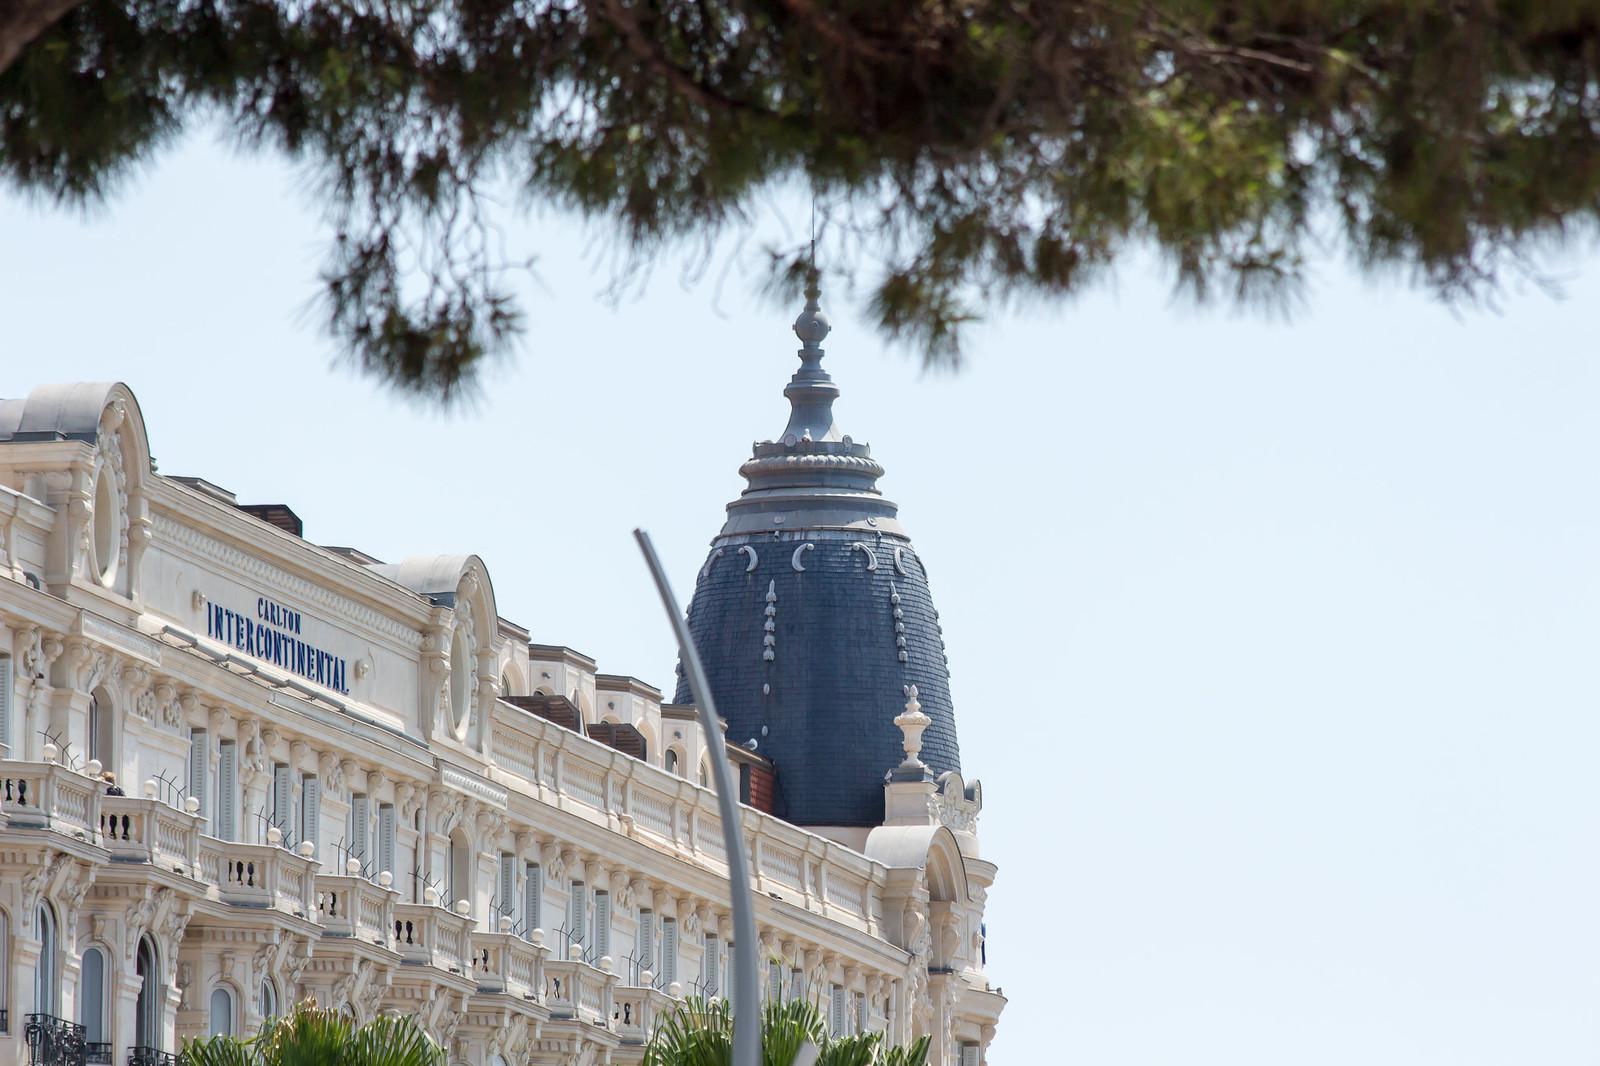 4. Вдоль неё расположены самые лучшие отели этого города - Carlton, Martinez, Majestic.